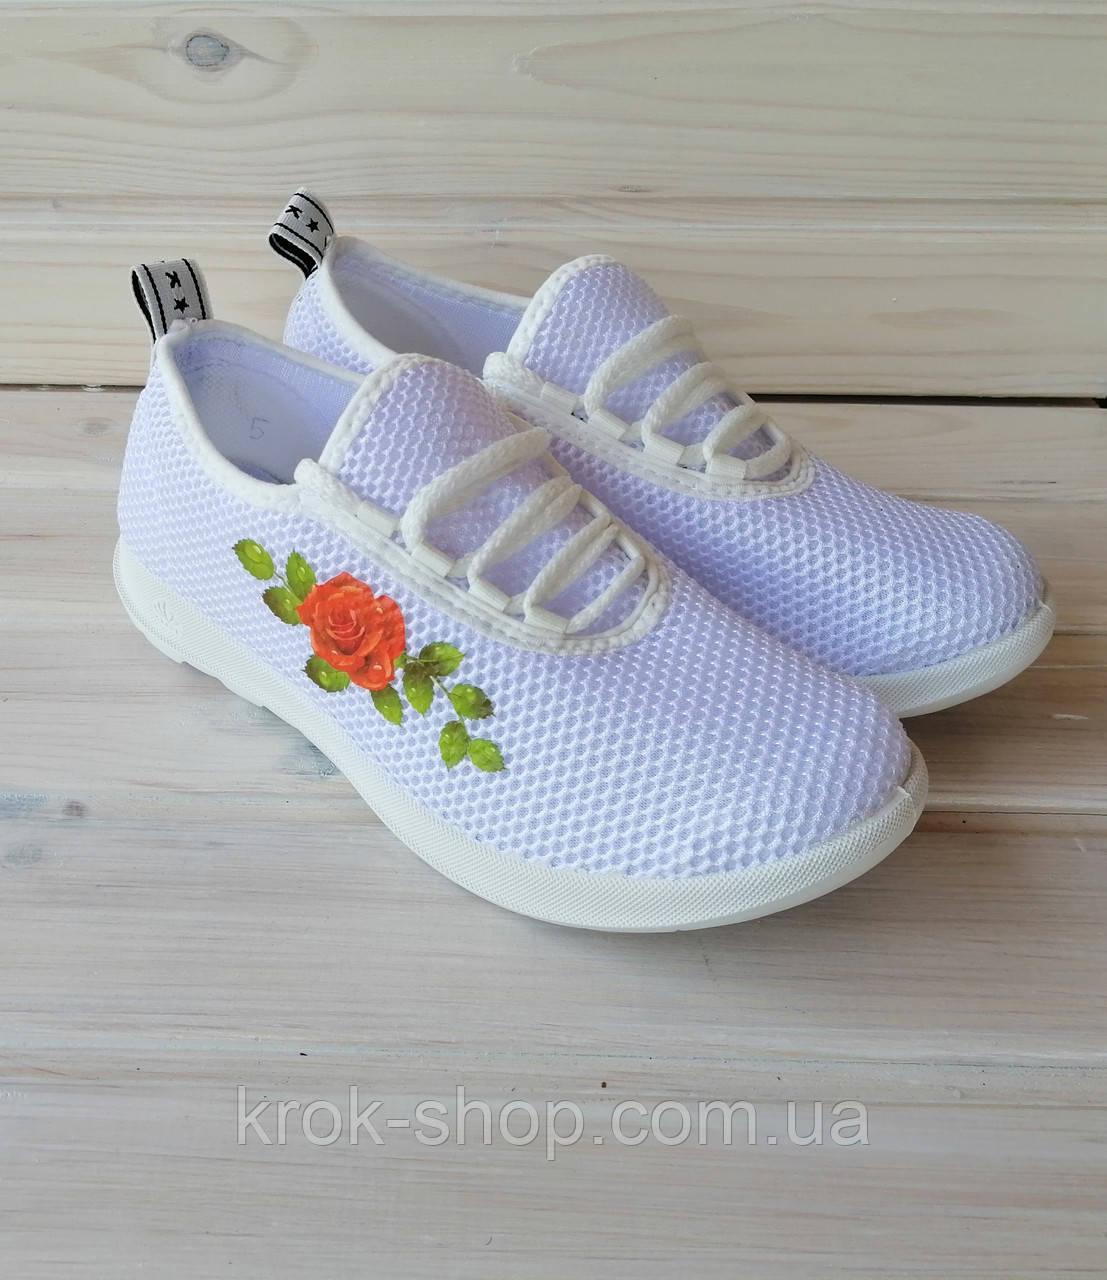 Мокасини жіночі на шнурках KG оптом